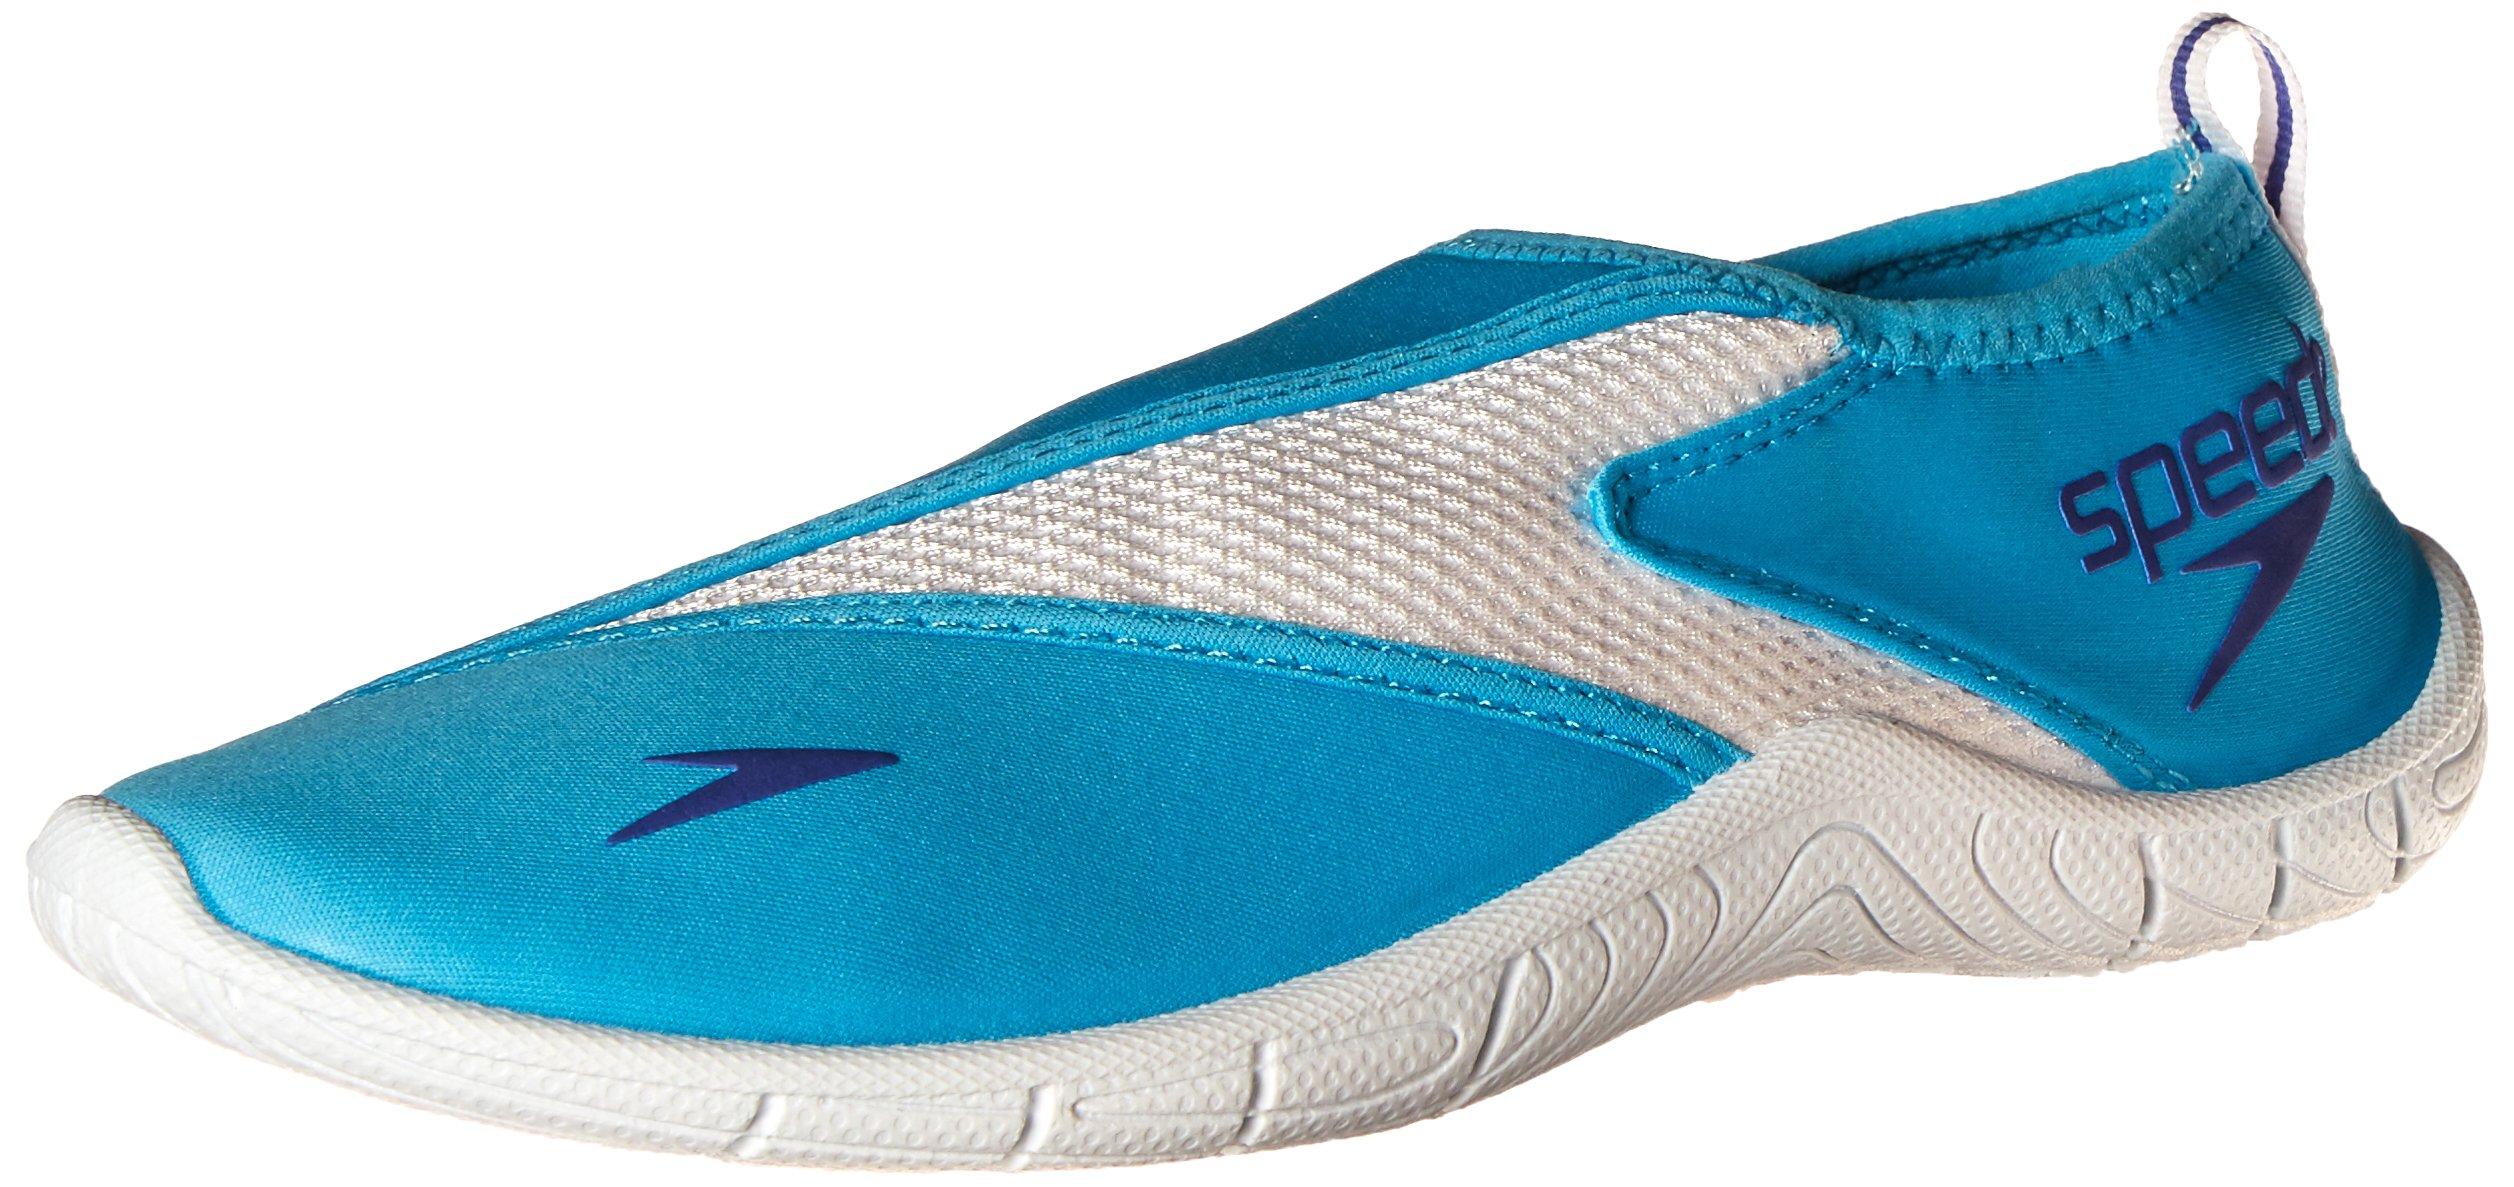 Speedo Women's Surfwalker Pro 3.0 Water Shoe, Cyan, 11 by Speedo